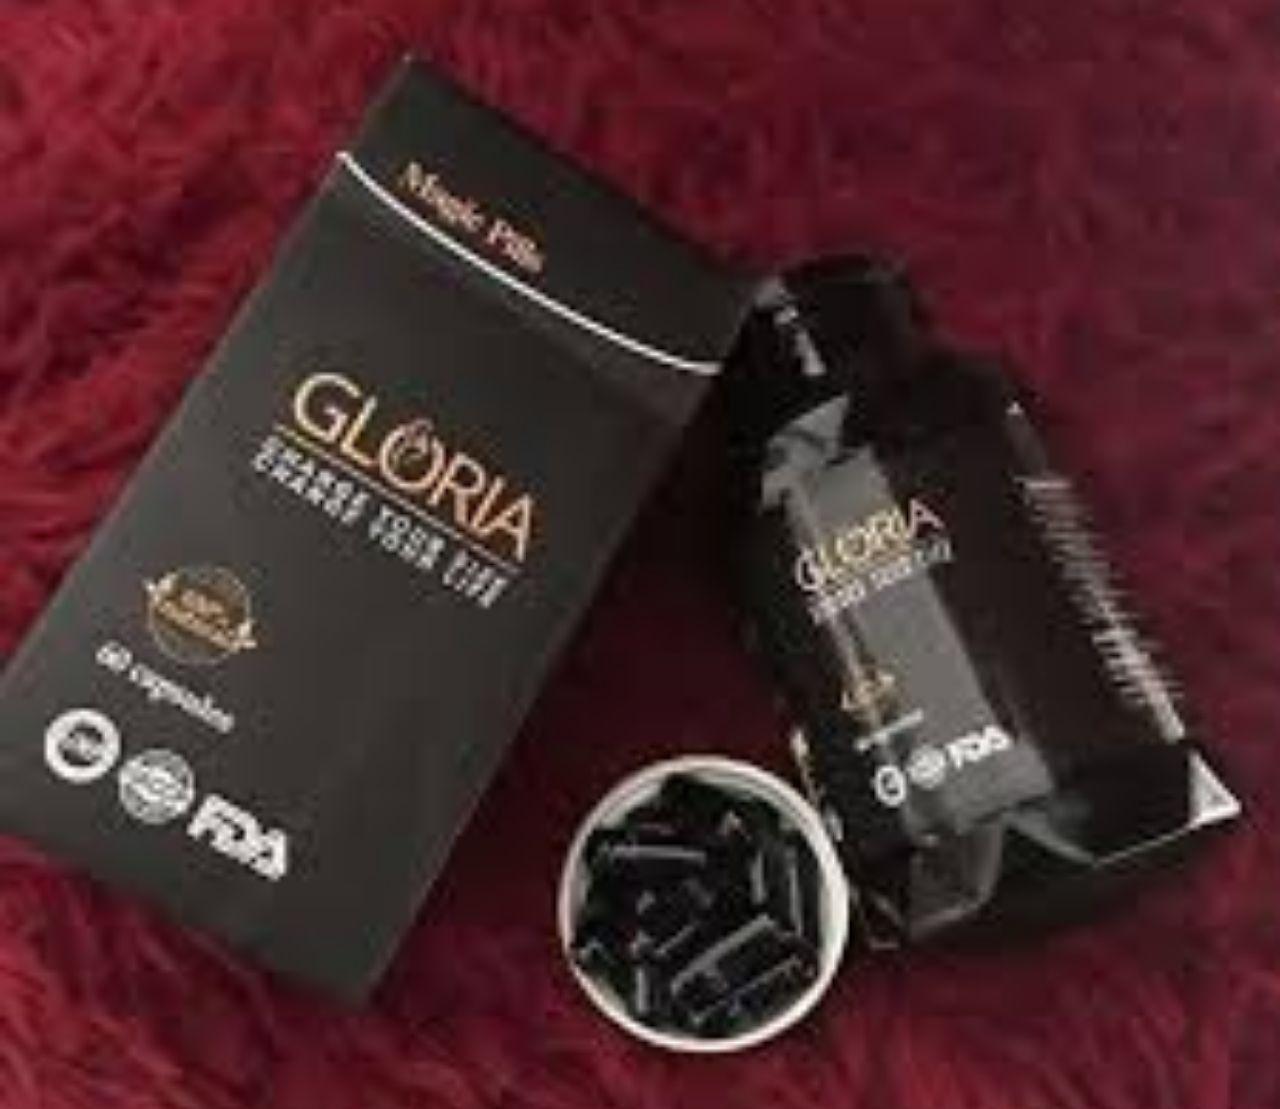 قرص گیاهی گلوریا لاغری ساخت اسپانیا